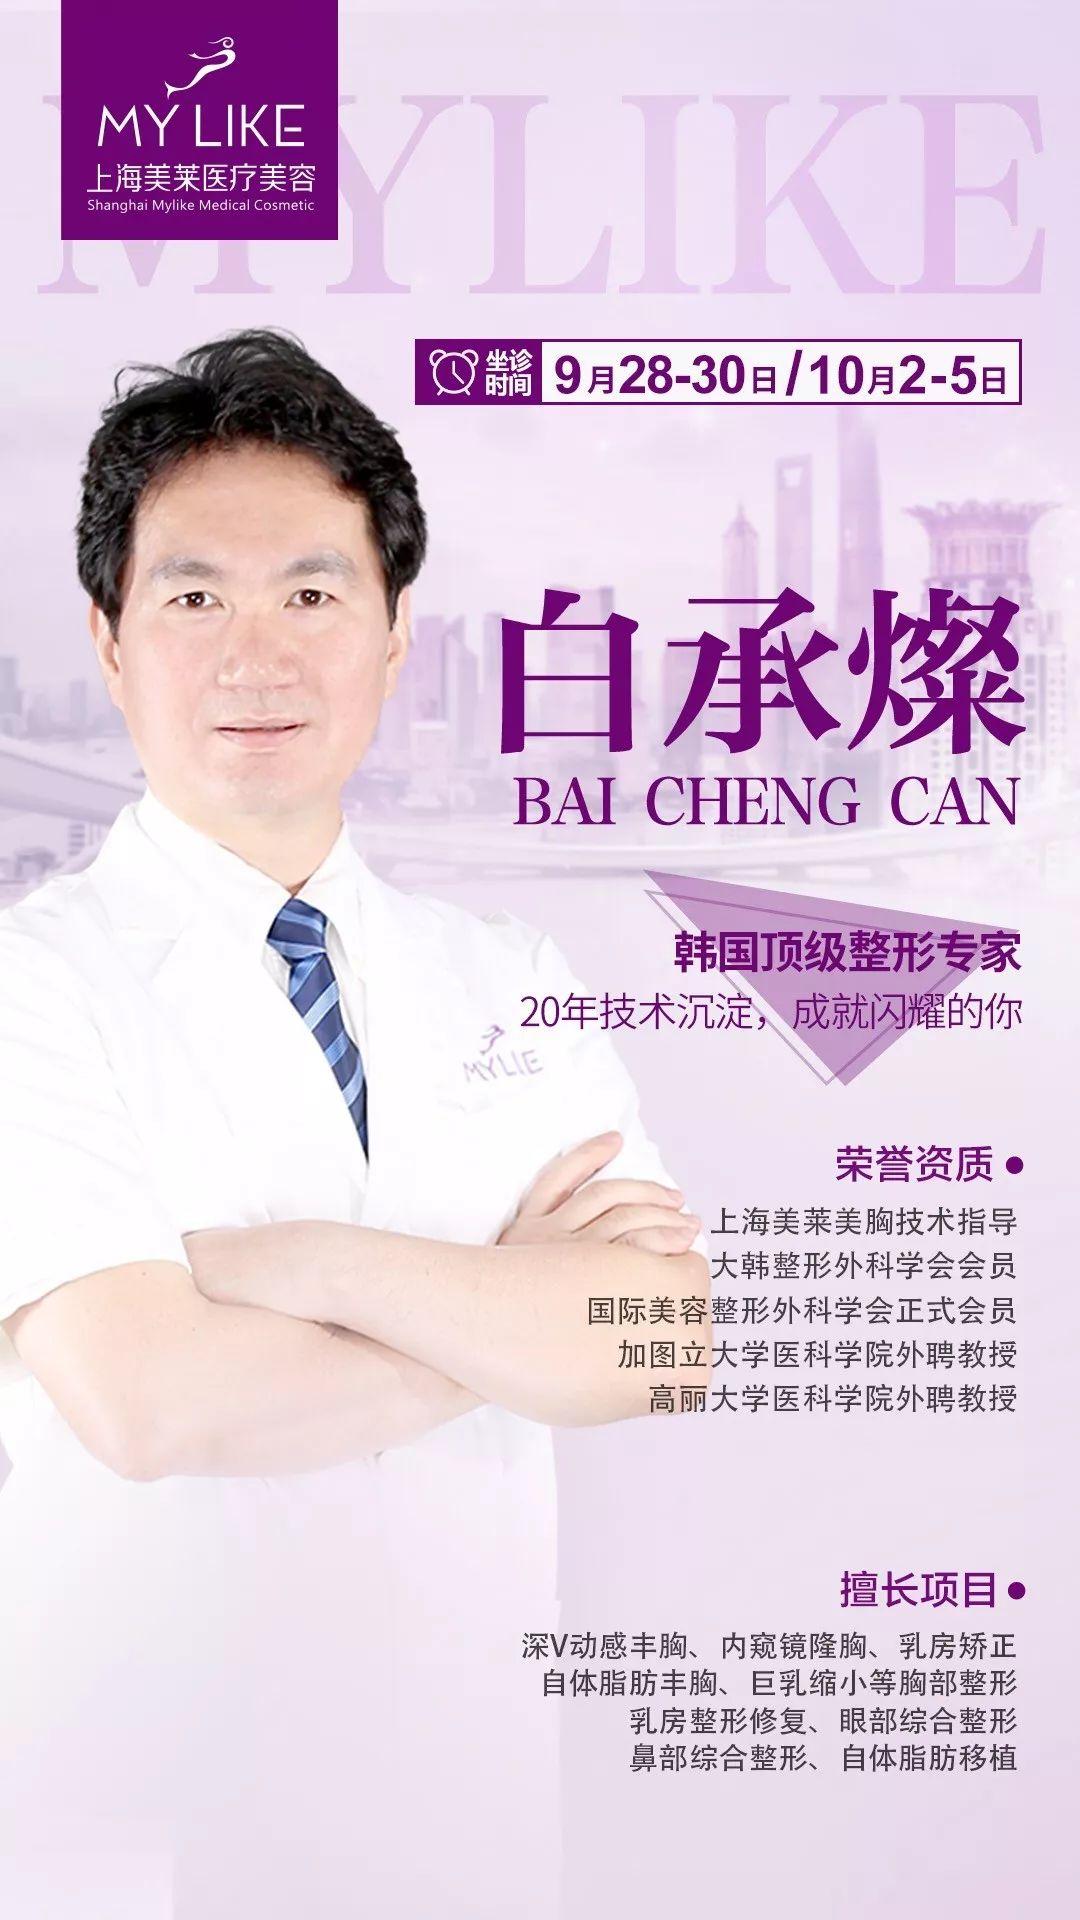 10月2日-5日上海美莱胸整形韩方院长—白承璨亲临坐诊!